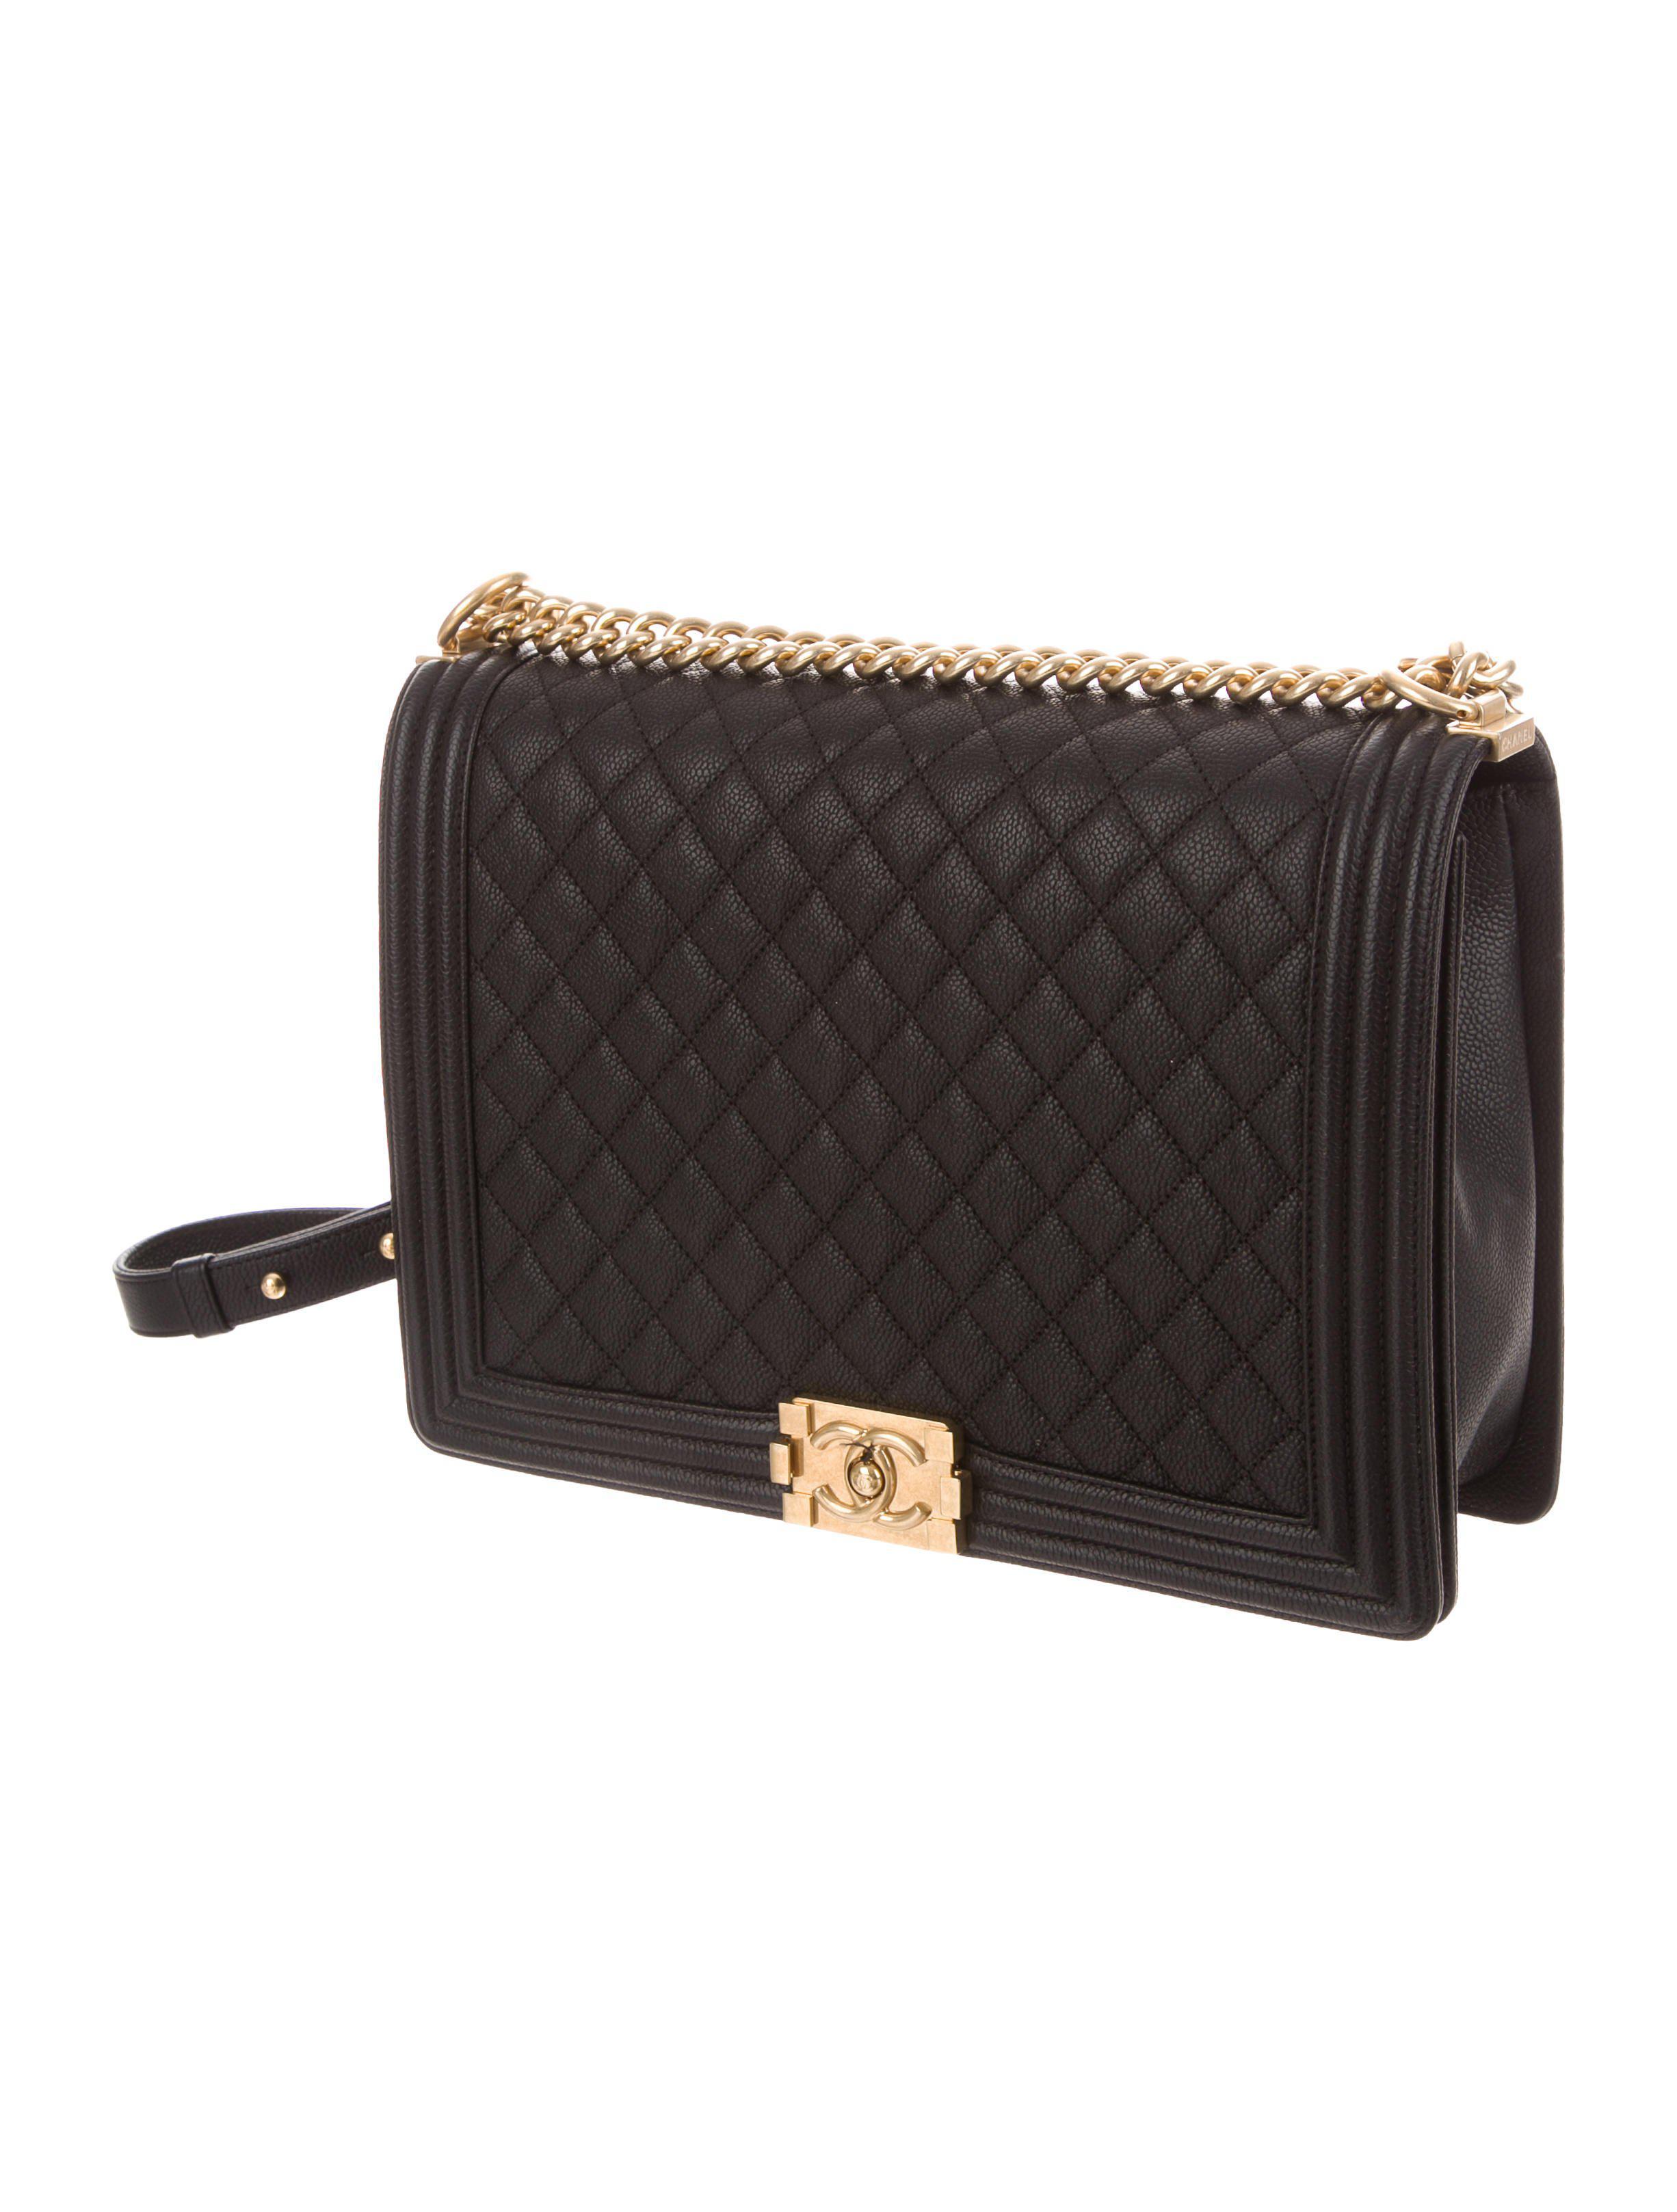 a148708f9cf8 Lyst - Chanel Large Caviar Boy Bag Black in Metallic